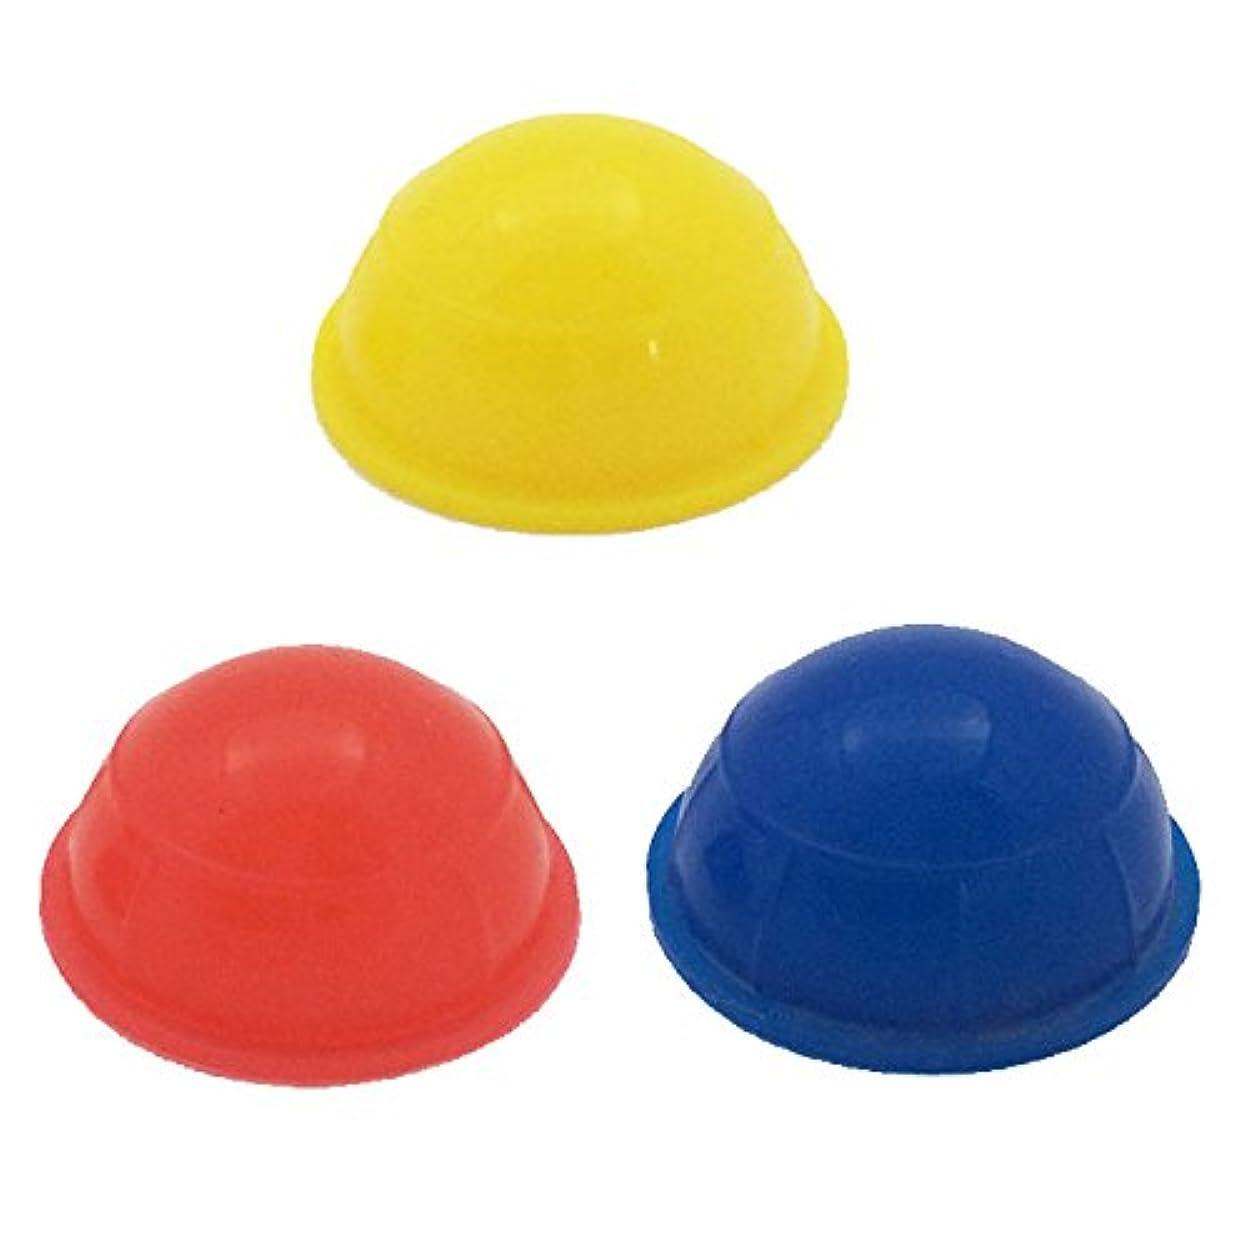 寛解シャット虫超ミニミニ吸い玉 3個セット シリコン製カッピング 直径3.5センチ